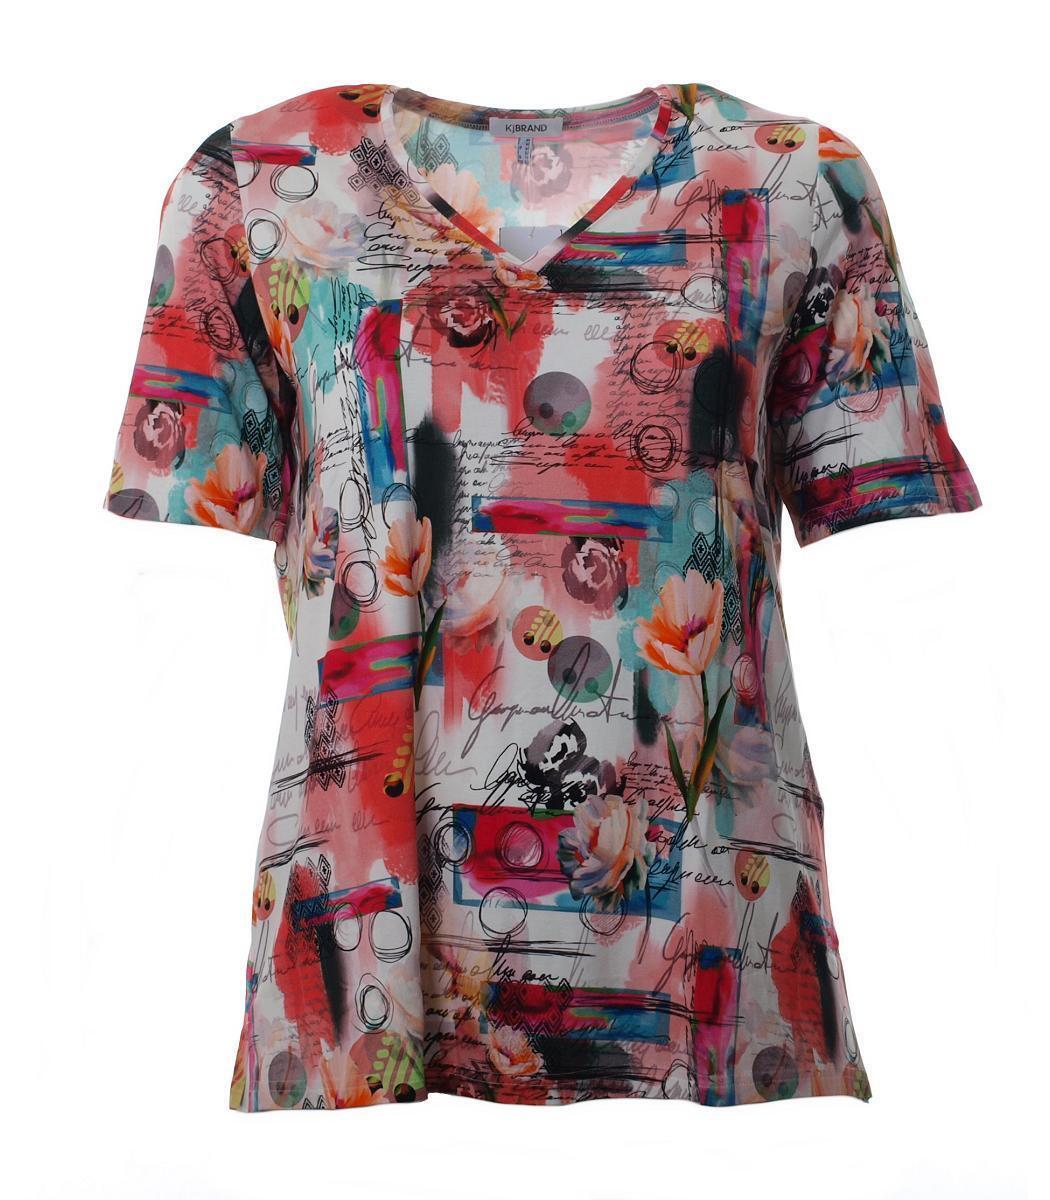 KjBrand Damen T-Shirt  mit V-Ausschnitt und Art-Design große Größen Bunt